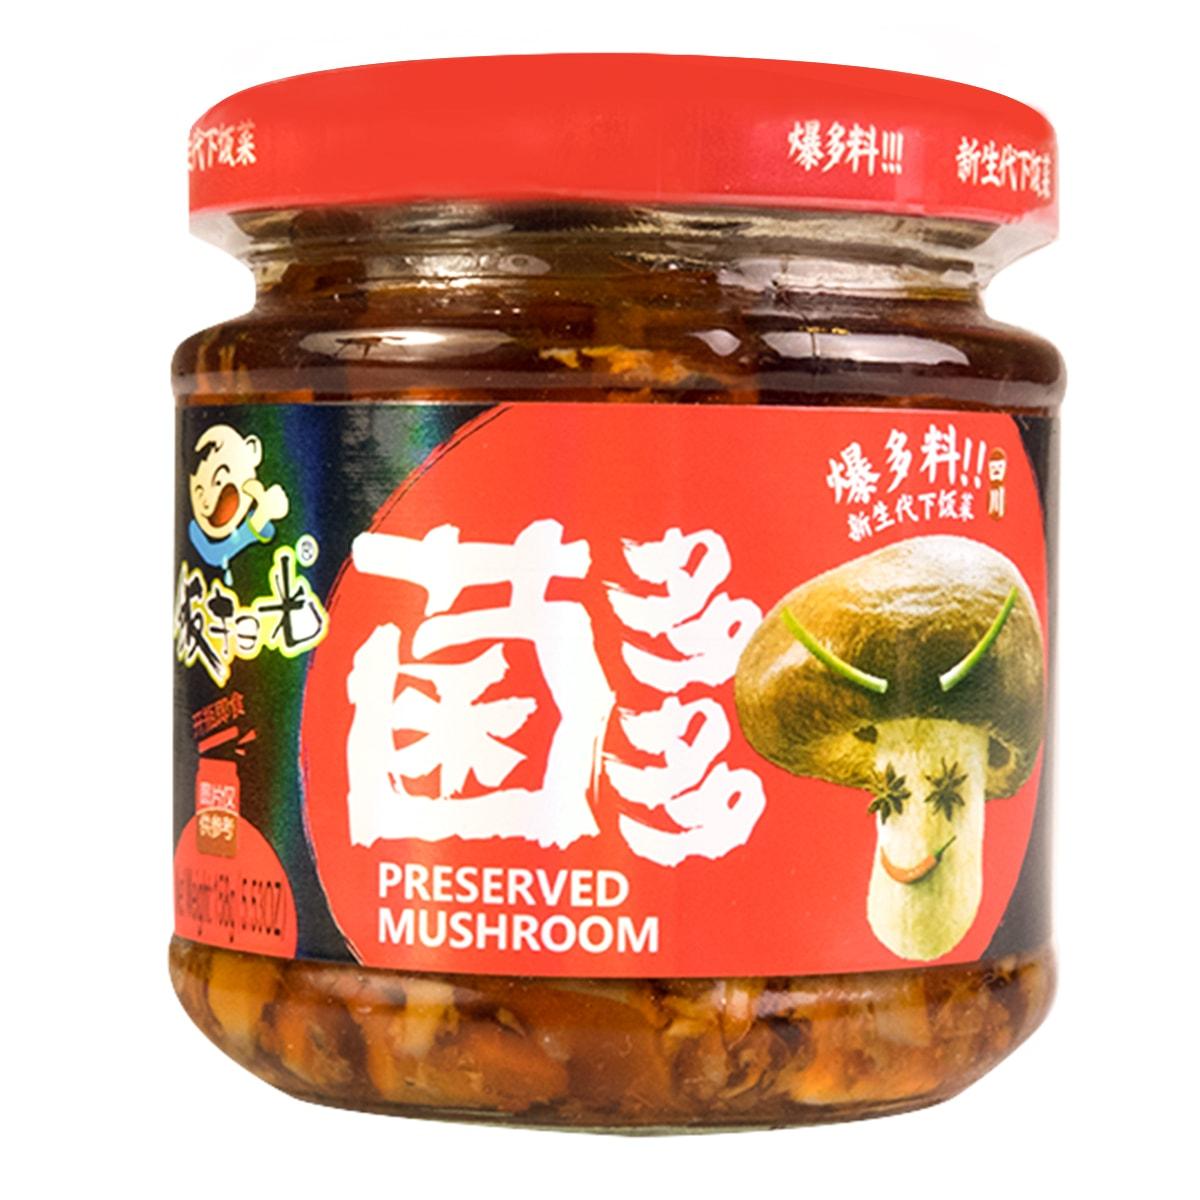 FANSAOGUANG Preserved Mushroom 158g